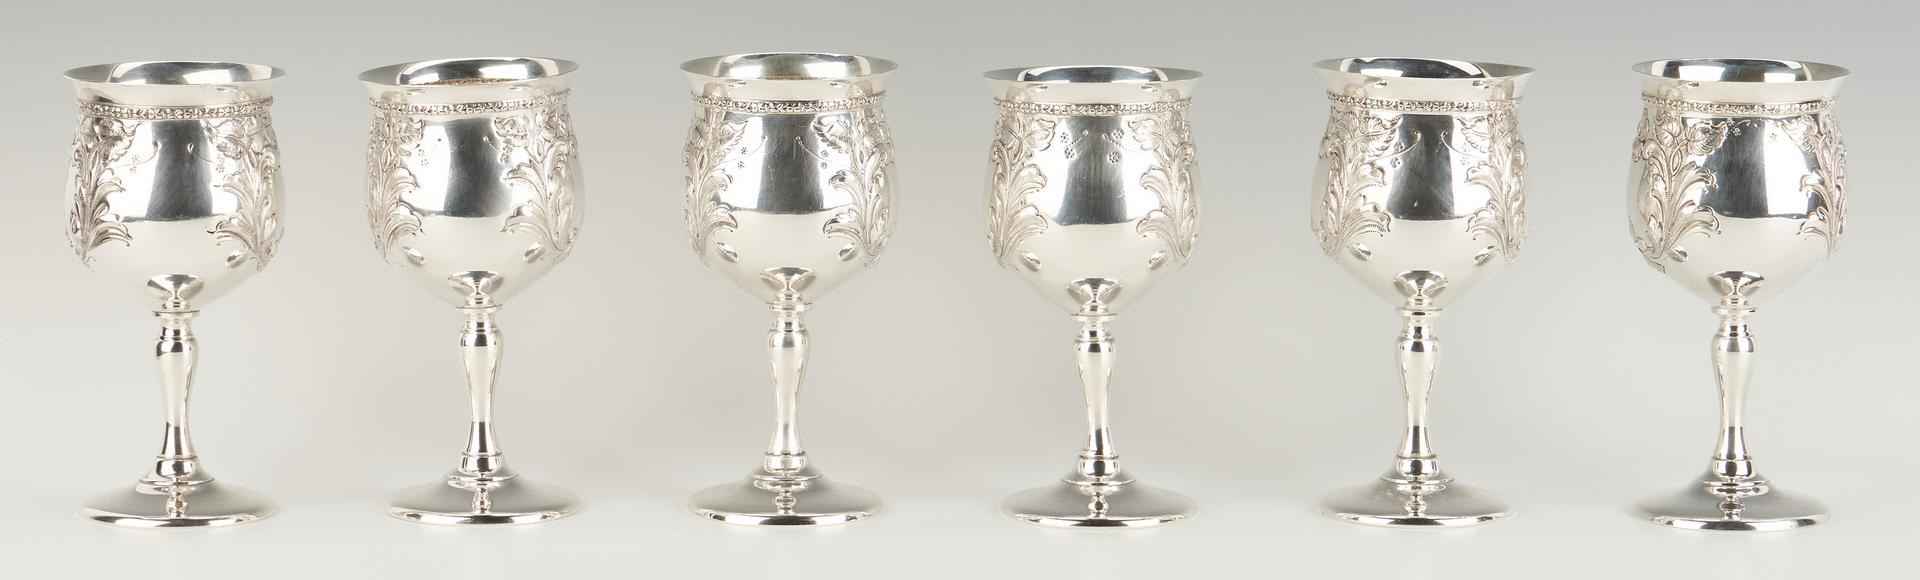 Lot 78: 12 Fisher Sterling Water Goblets, Violet Pattern